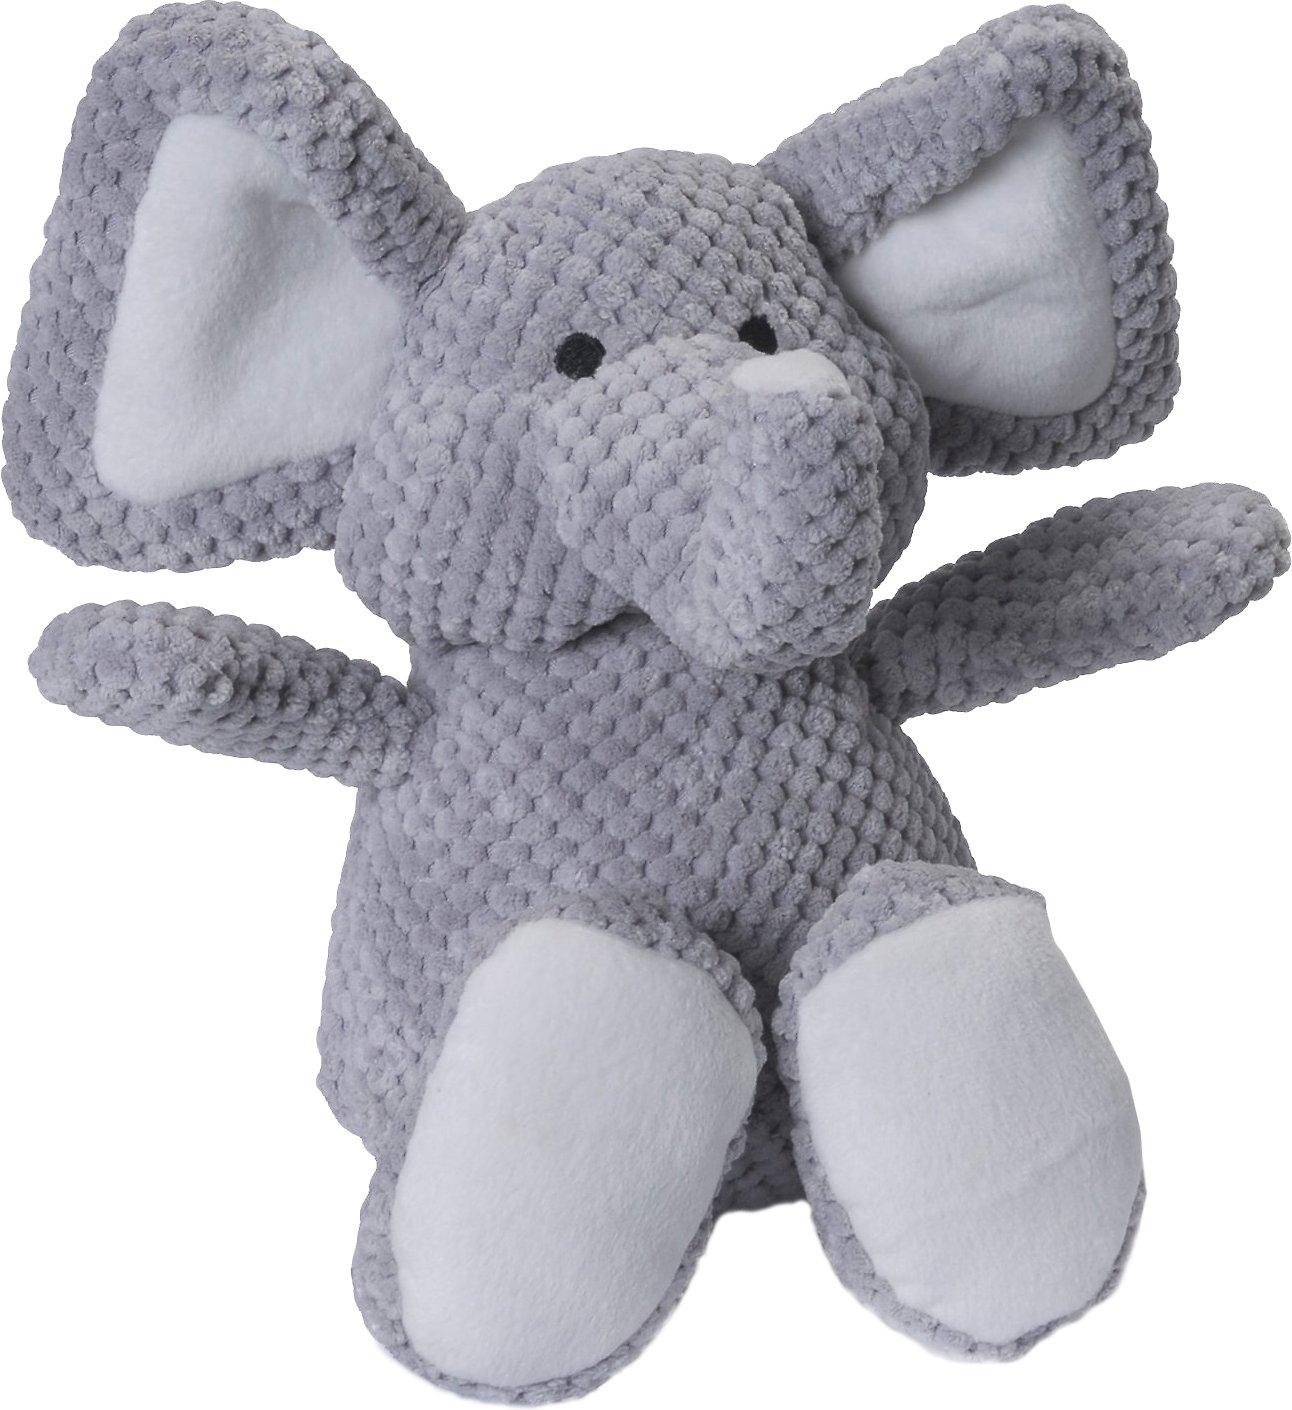 GoDog Checkers Chew Guard Elephant Dog Toy, Large